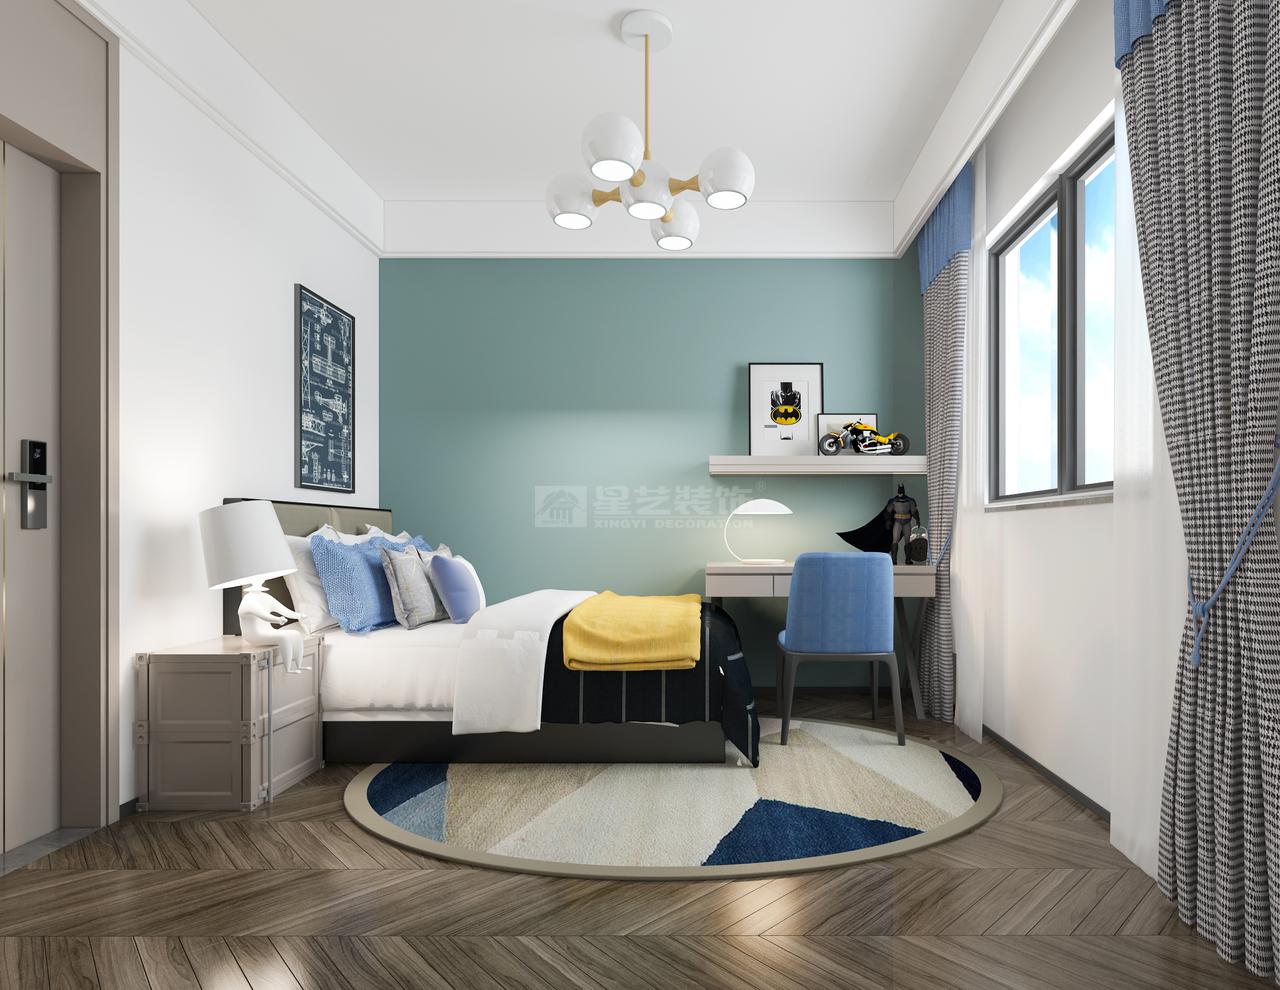 浅灰绿的背景,搭配矢车菊蓝、柠檬黄,打造轻松休闲的空间。黑白格纹的窗帘,床头柜的台灯,细节之处尽显艺术趣味与生活品质。